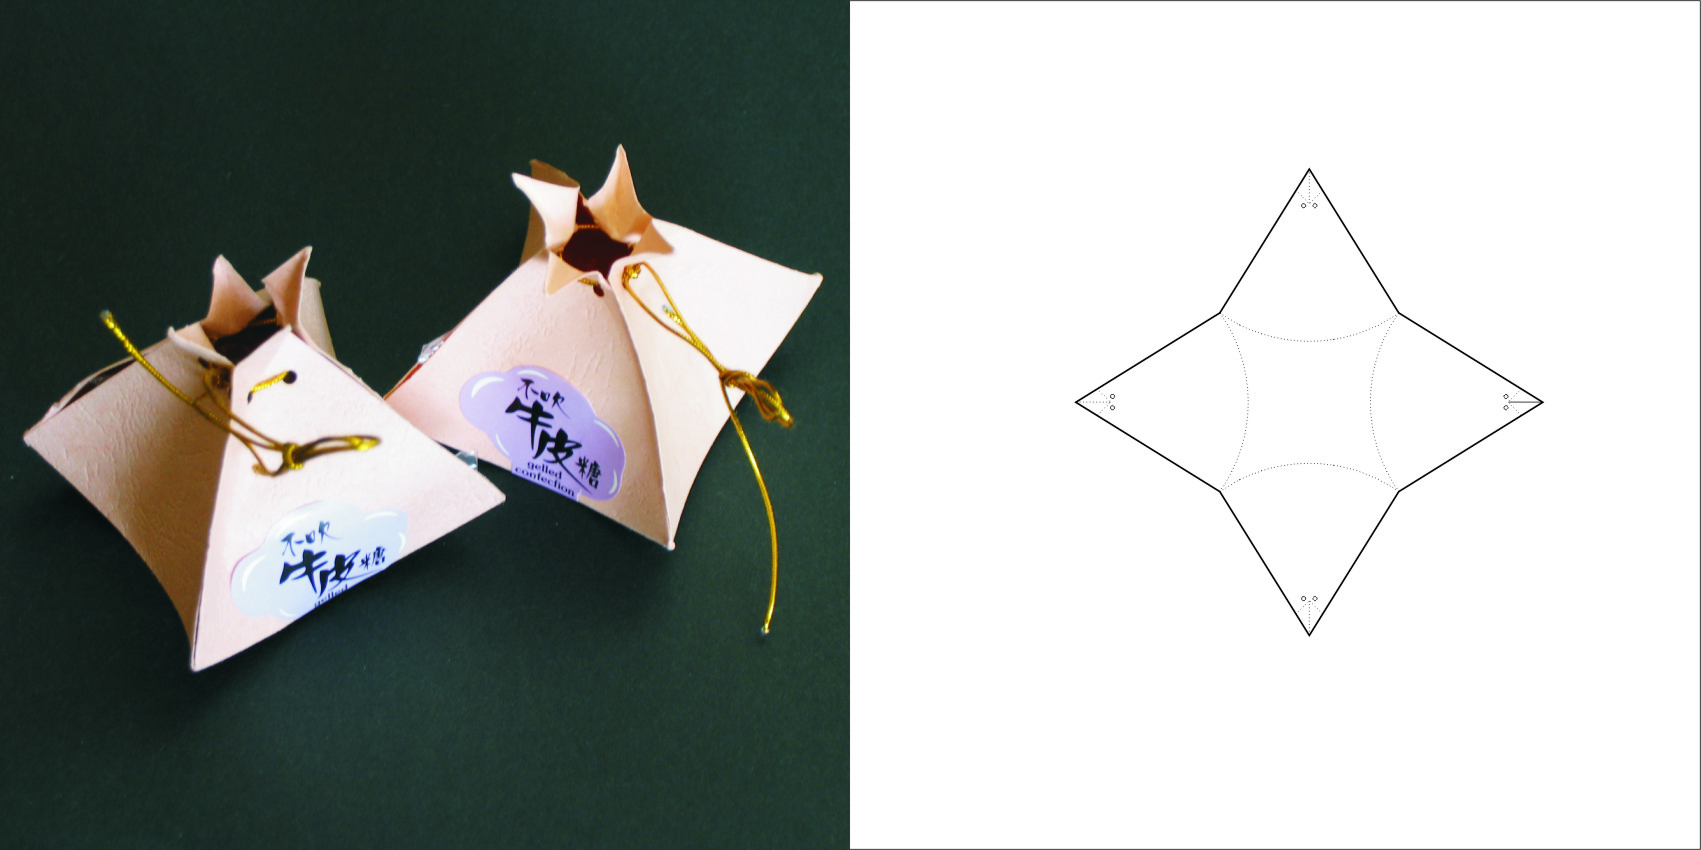 Как сделать мышку из бумаги - шаблон и пошаговый мастер-класс с фото 25